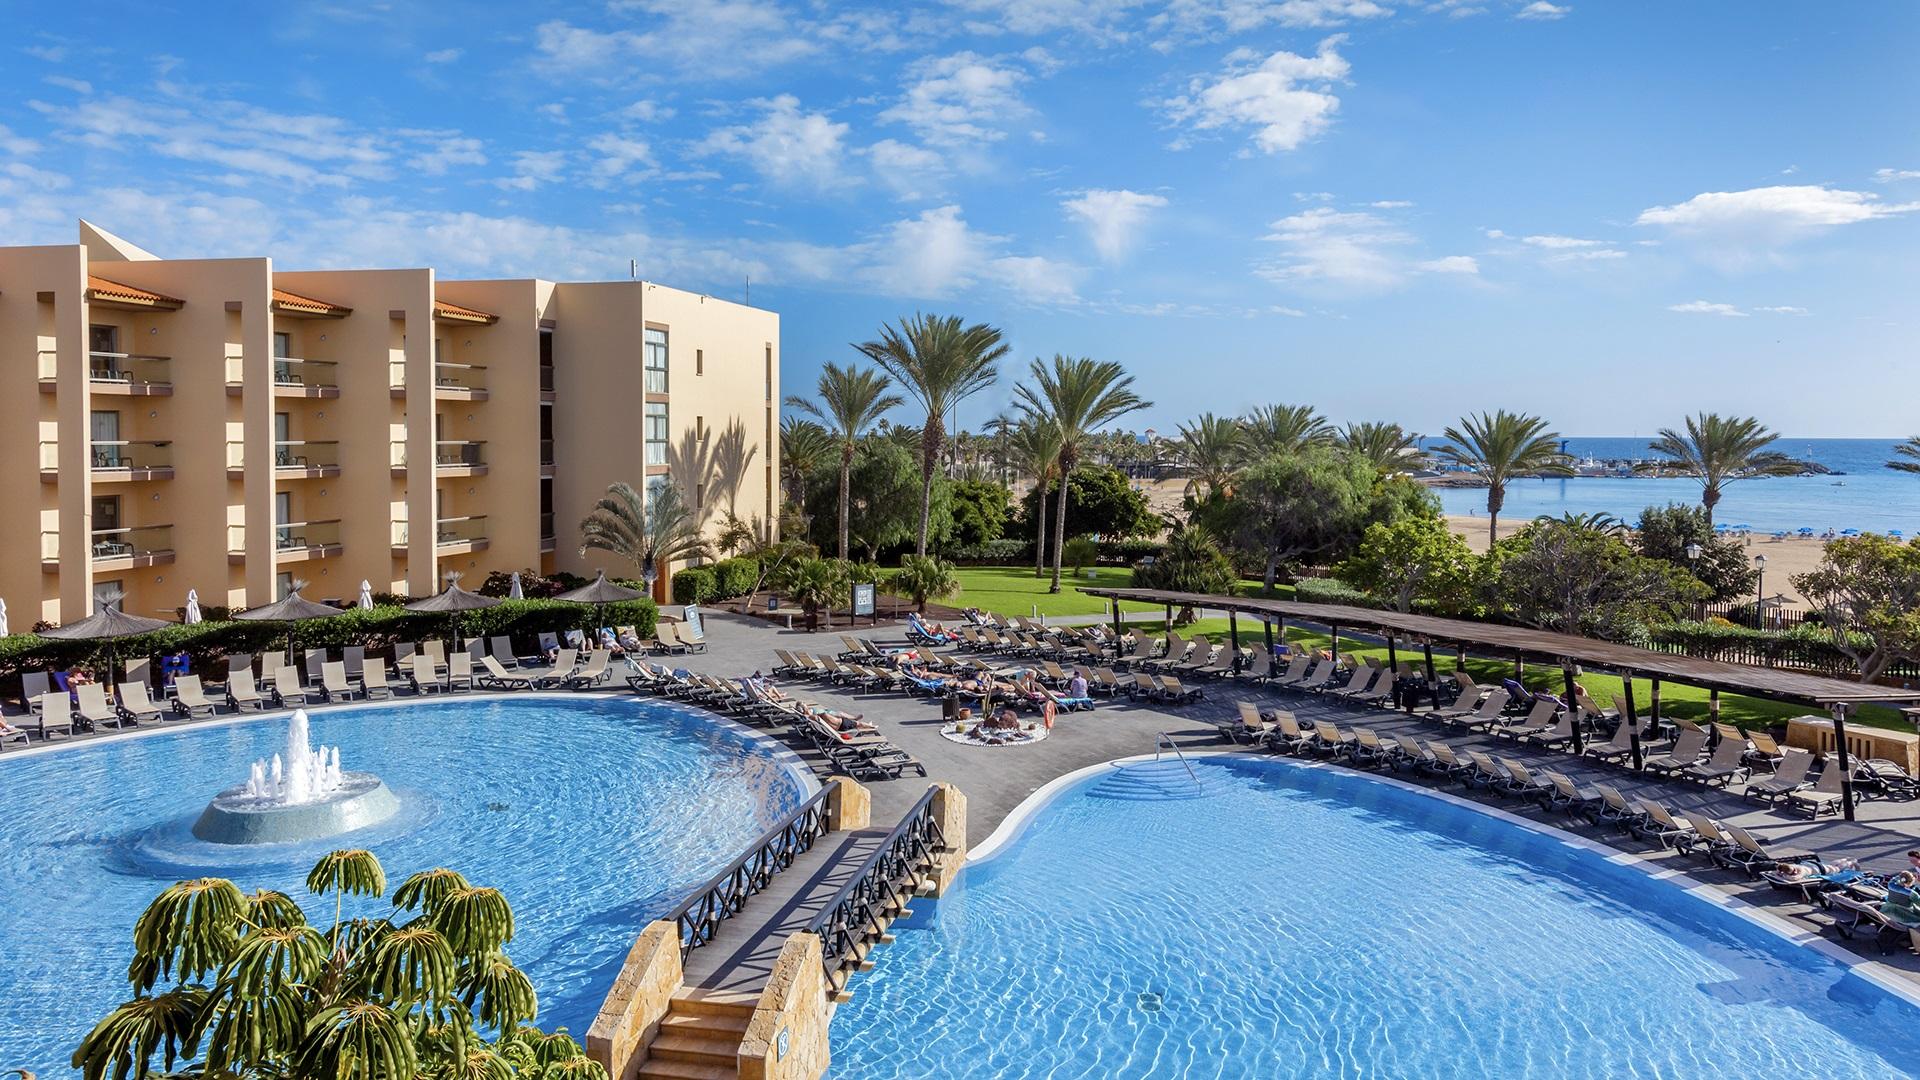 Barcelo Fuerteventura Thalasso & Spa